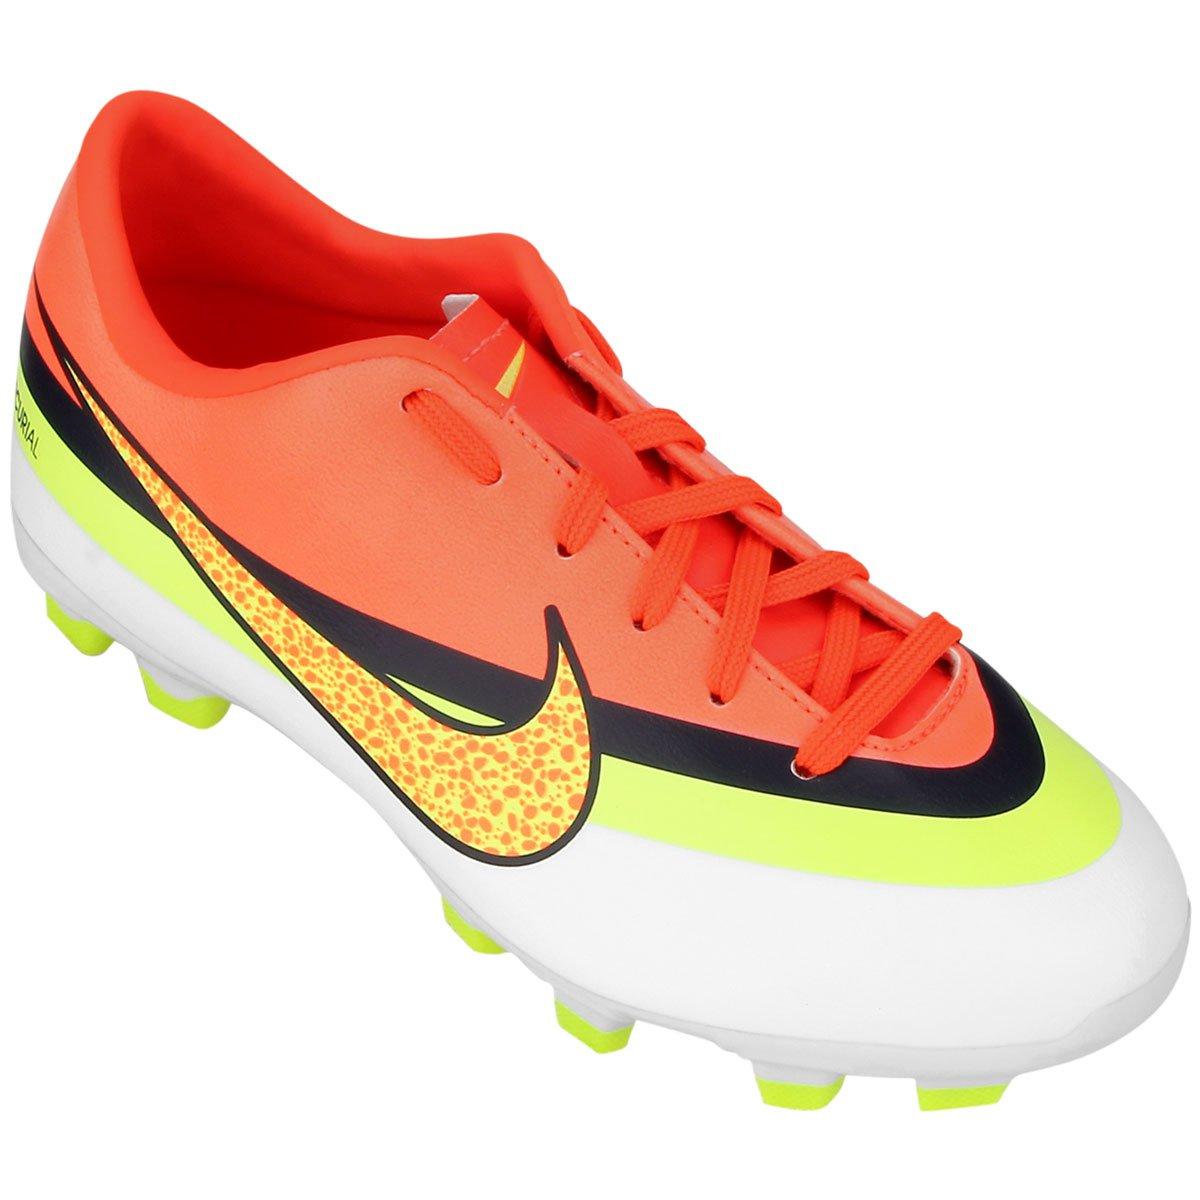 3ced53fbab Chuteira Nike Mercurial Victory 4 CR7 FG Infantil - Compre Agora ...